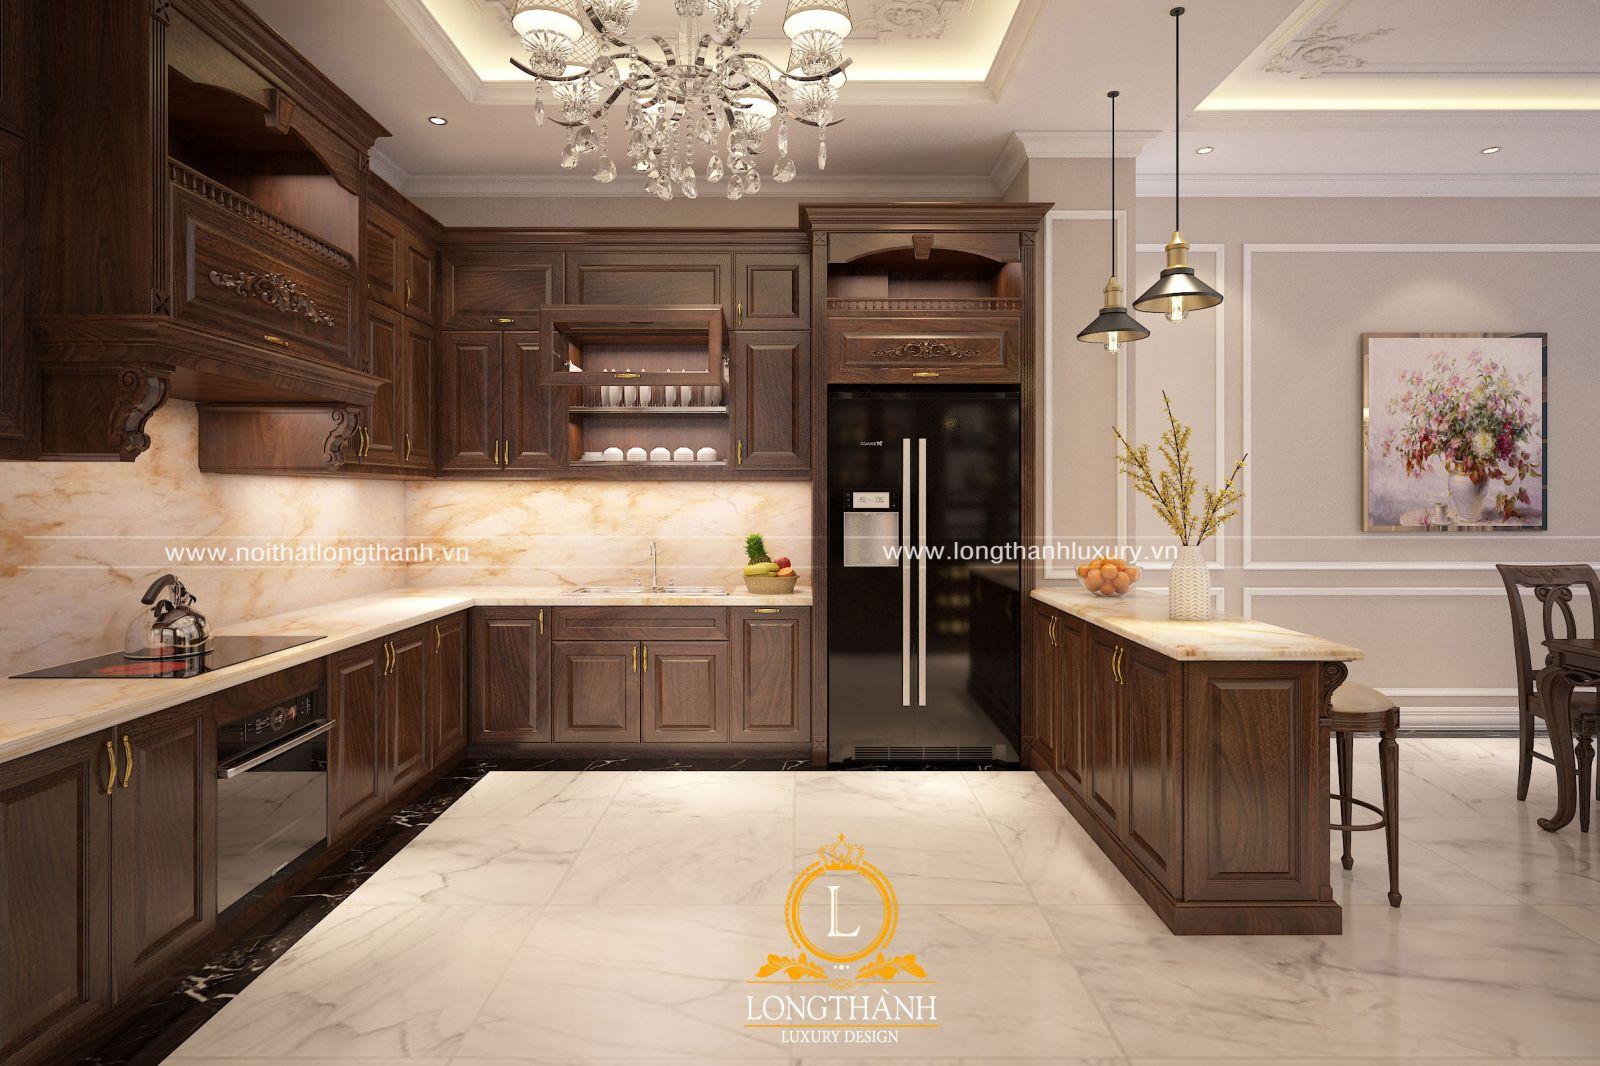 Thiết kế tủ bếp gỗ tự nhiên tân cổ điển sơn màu nâu nhẹ nhàng ấm cúng